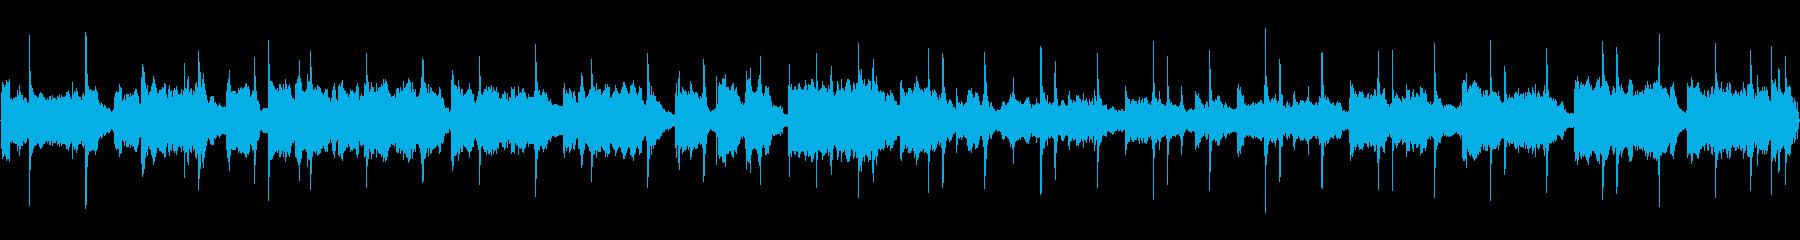 【30秒サビループ】ケルト風ウクレレ曲の再生済みの波形